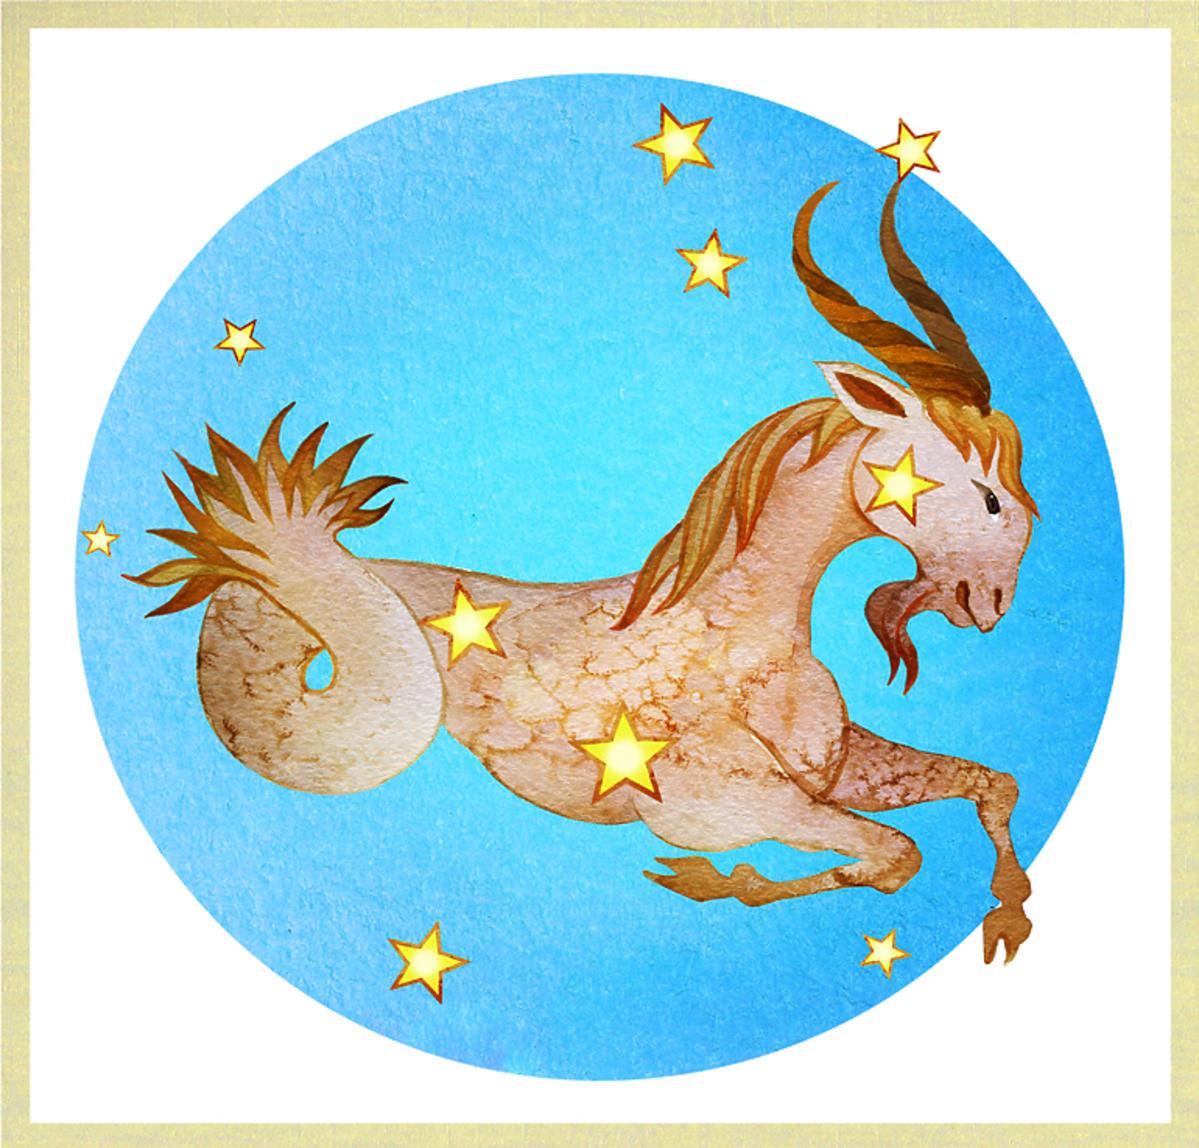 Koziorożec horoskop zodiak